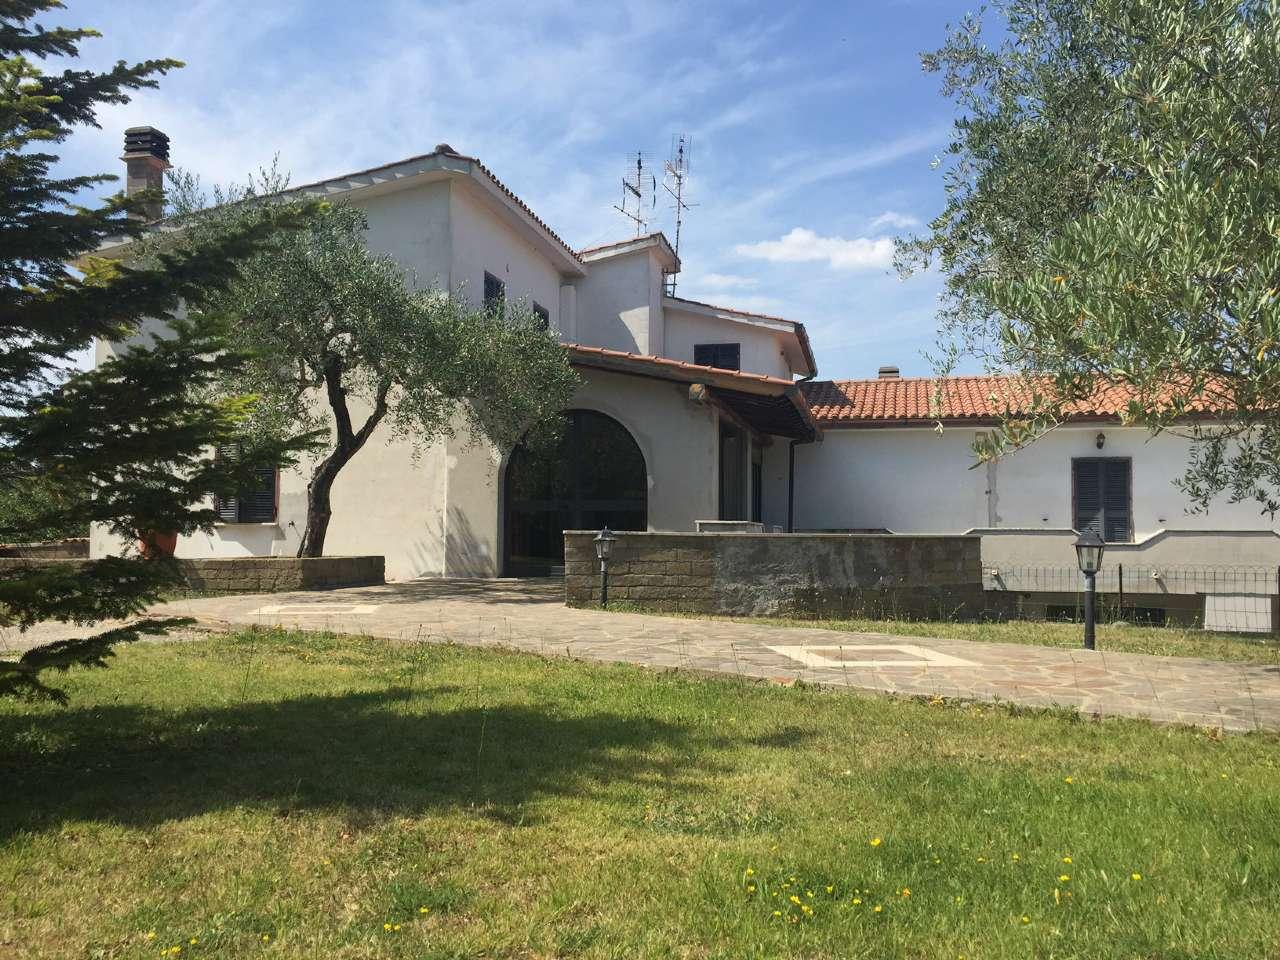 Palazzo / Stabile in vendita a Fiano Romano, 10 locali, prezzo € 300.000 | CambioCasa.it